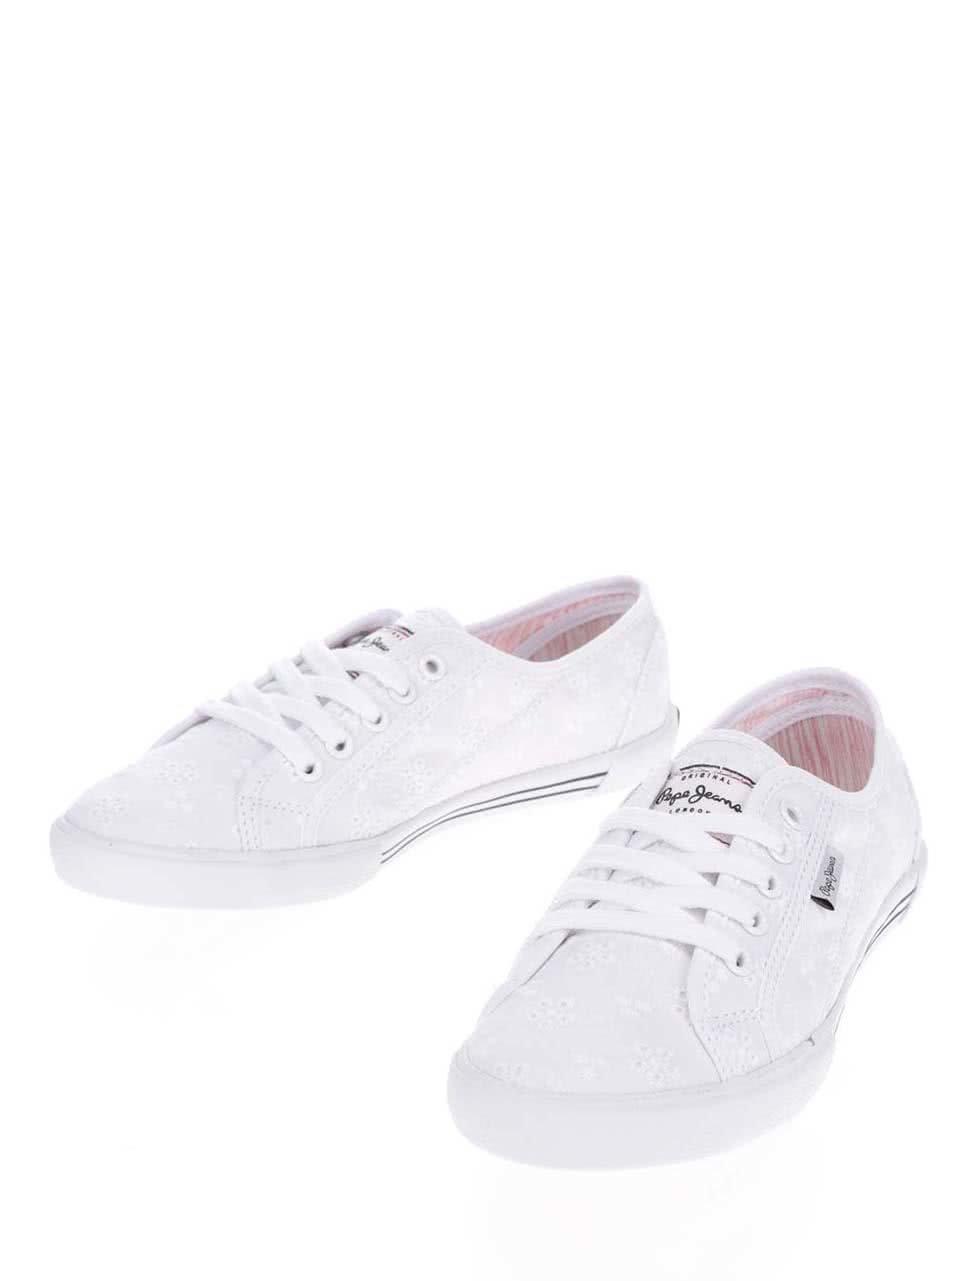 Bílé dámské tenisky s výšivkou Pepe Jeans Aberlady Anglaise ... cf2f18c172